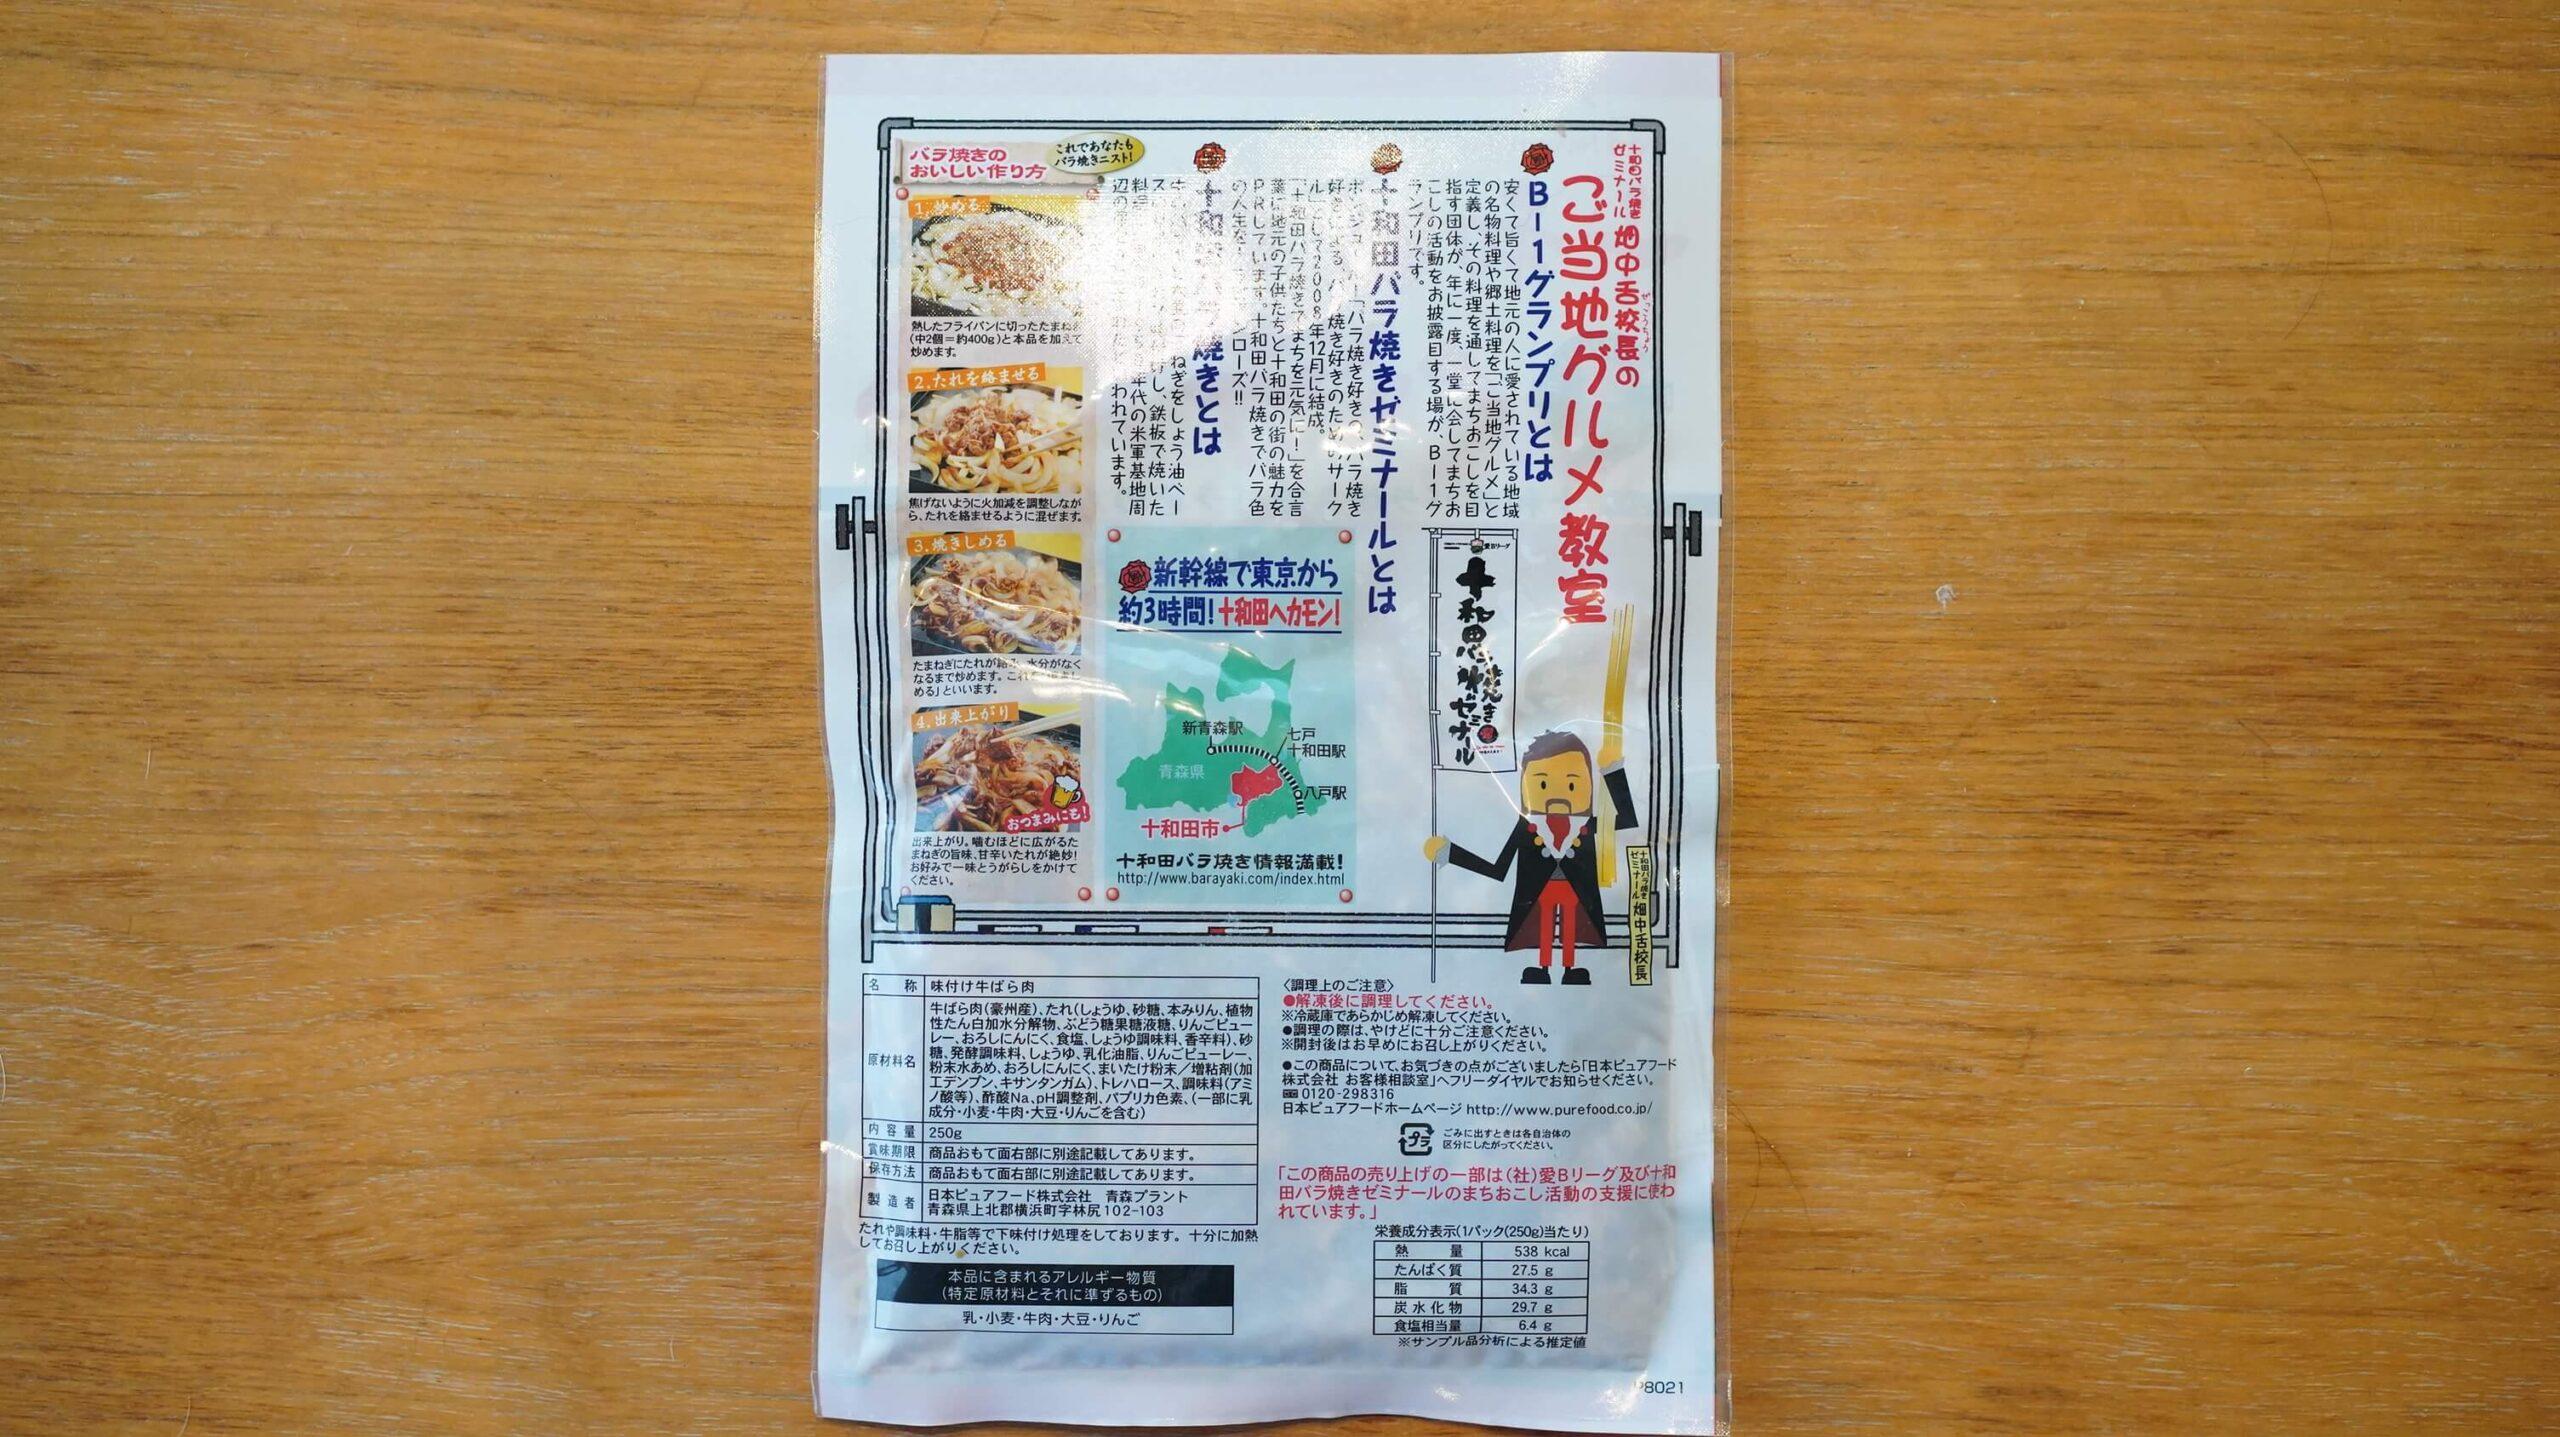 青森のB級グルメ「十和田バラ焼き」の冷凍食品のパッケージ裏面の写真